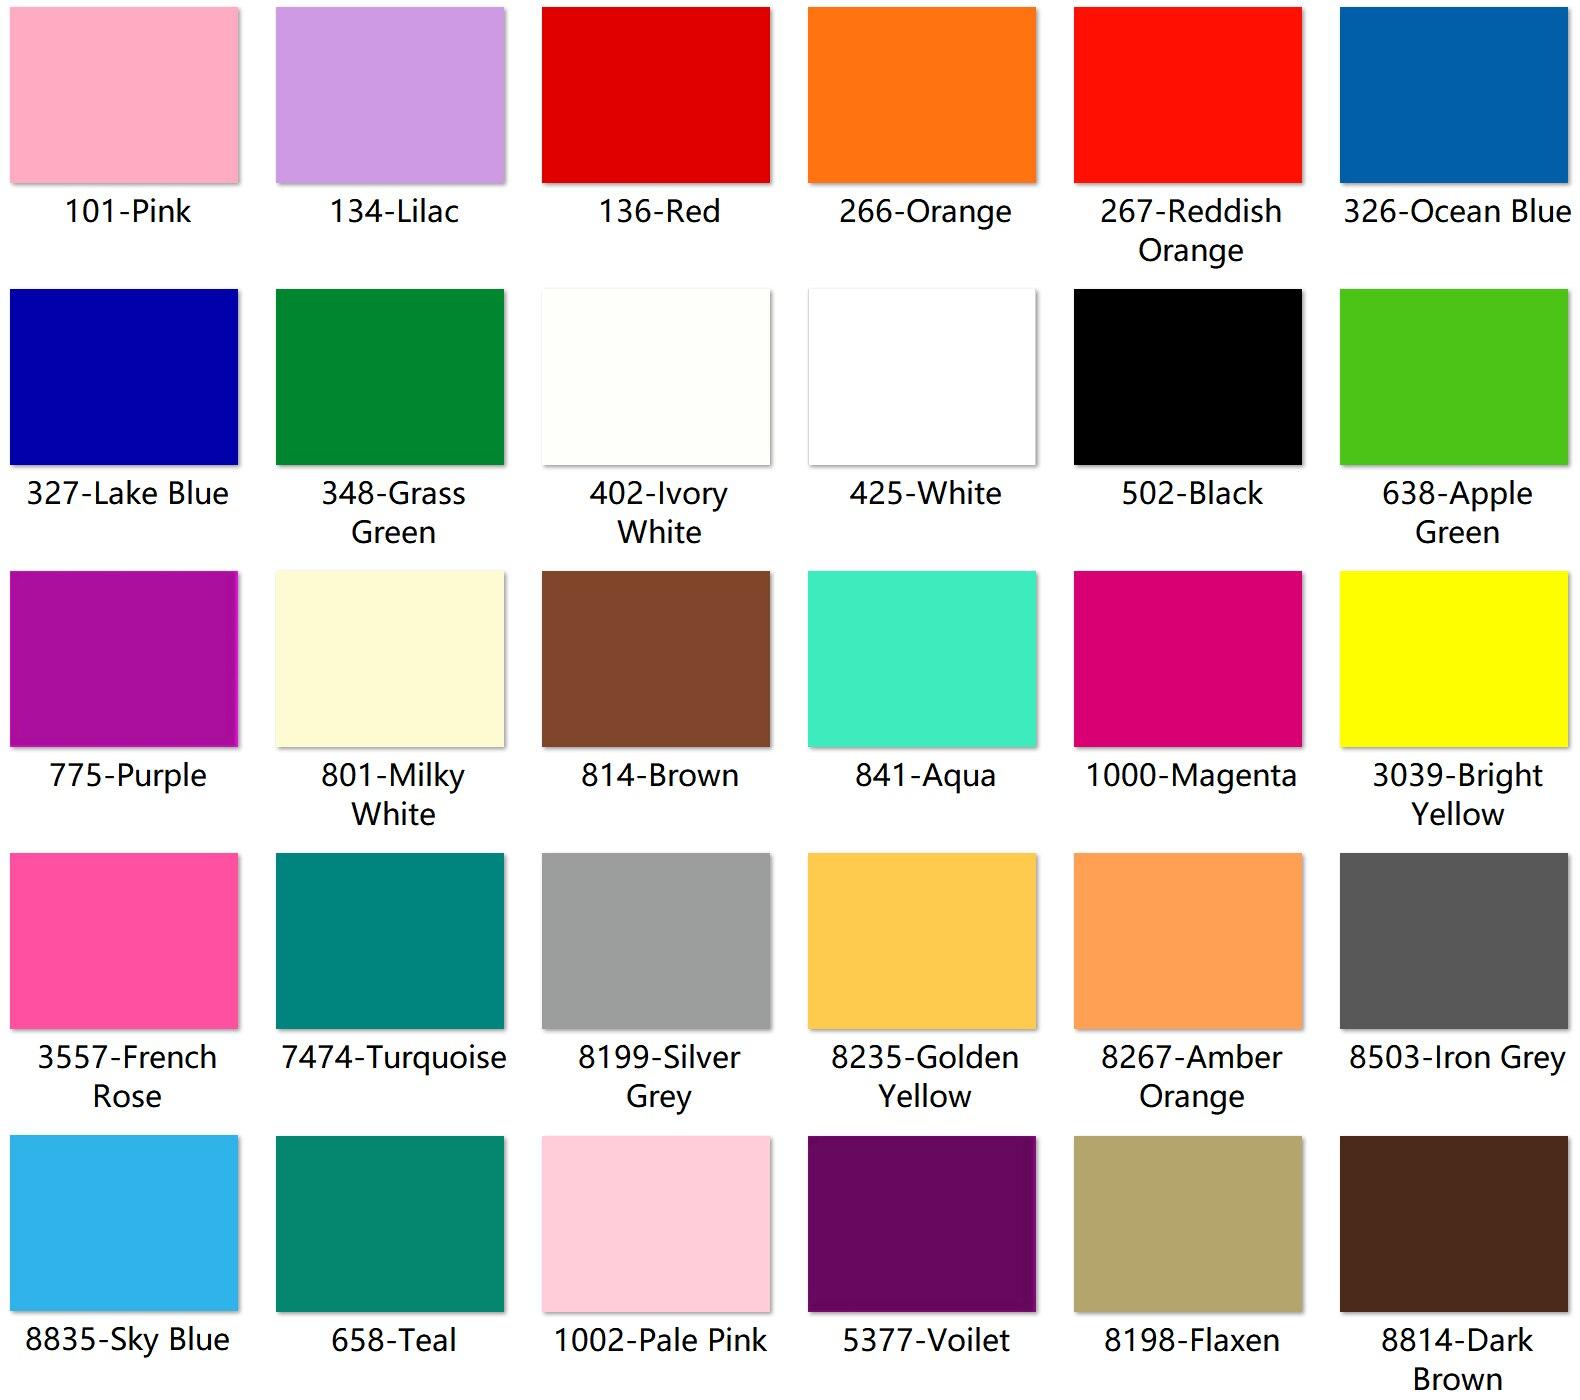 300mm x 200mm x 3 0mm L x W x T Multi Colors Acrylic PMMA Opaque